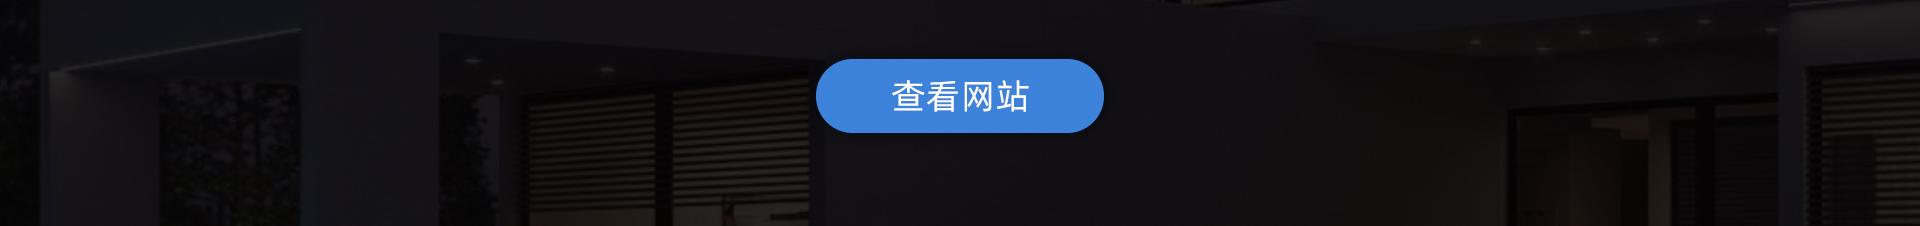 河北聚梦-刘京京——标准版-汽车音响_02